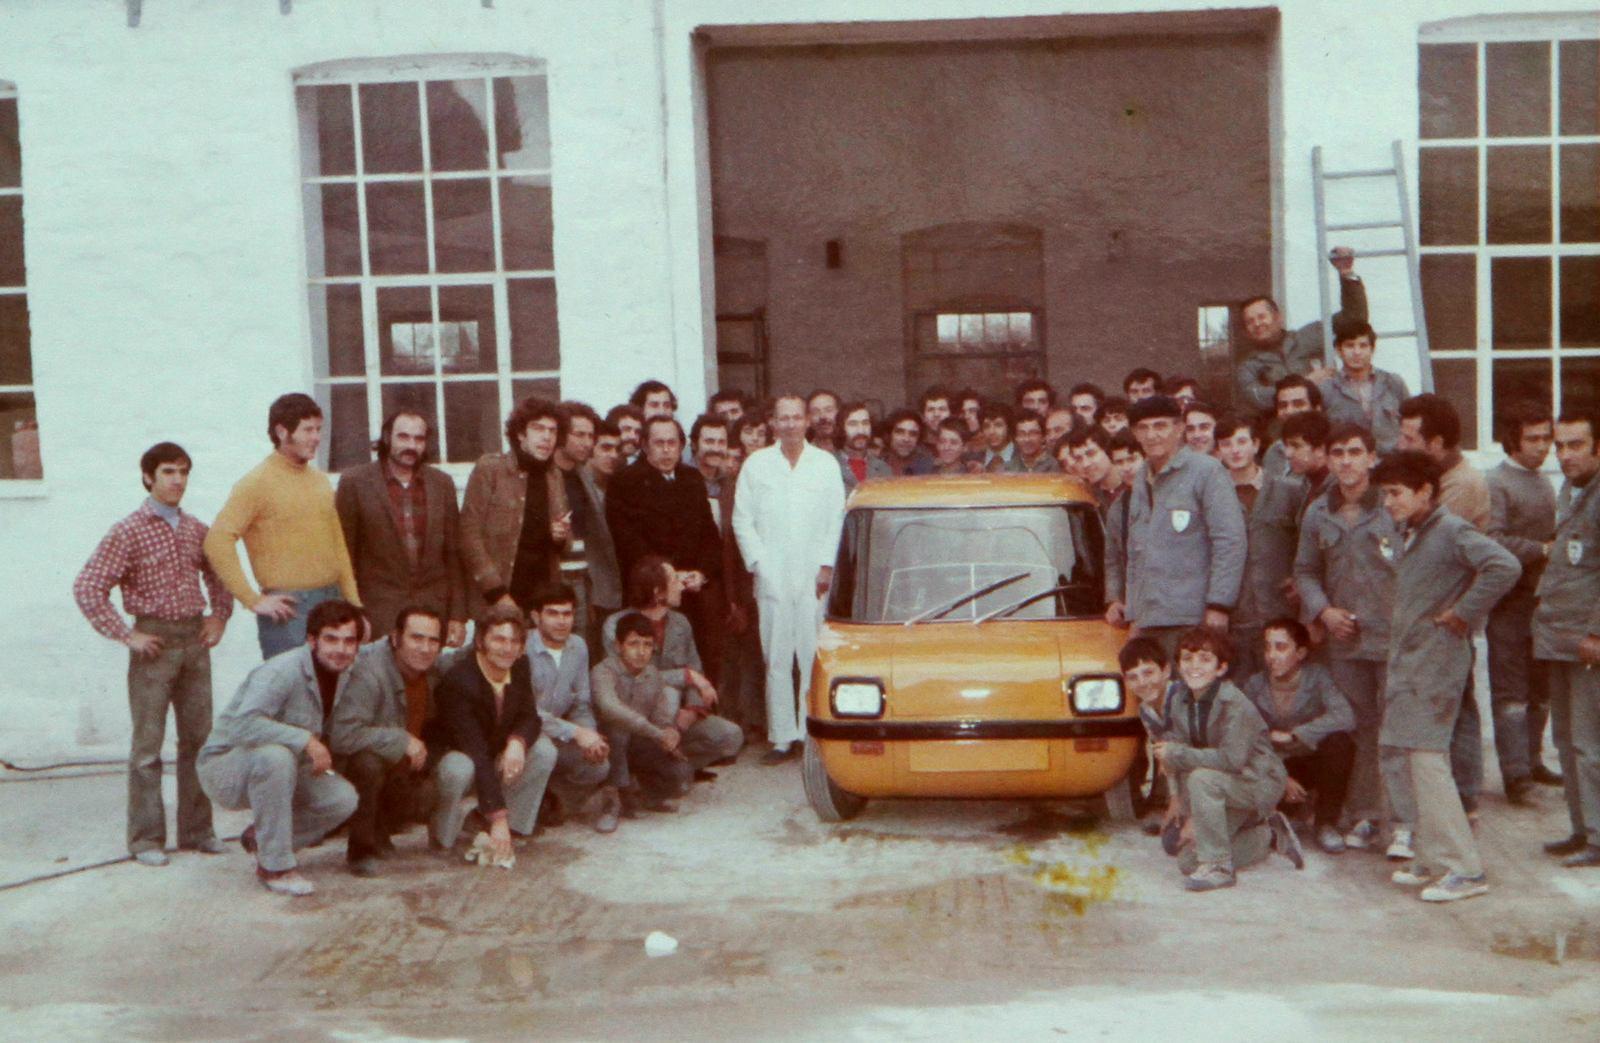 Drive-in movie night για το ηλεκτρικό αυτοκίνητο της Σύρου